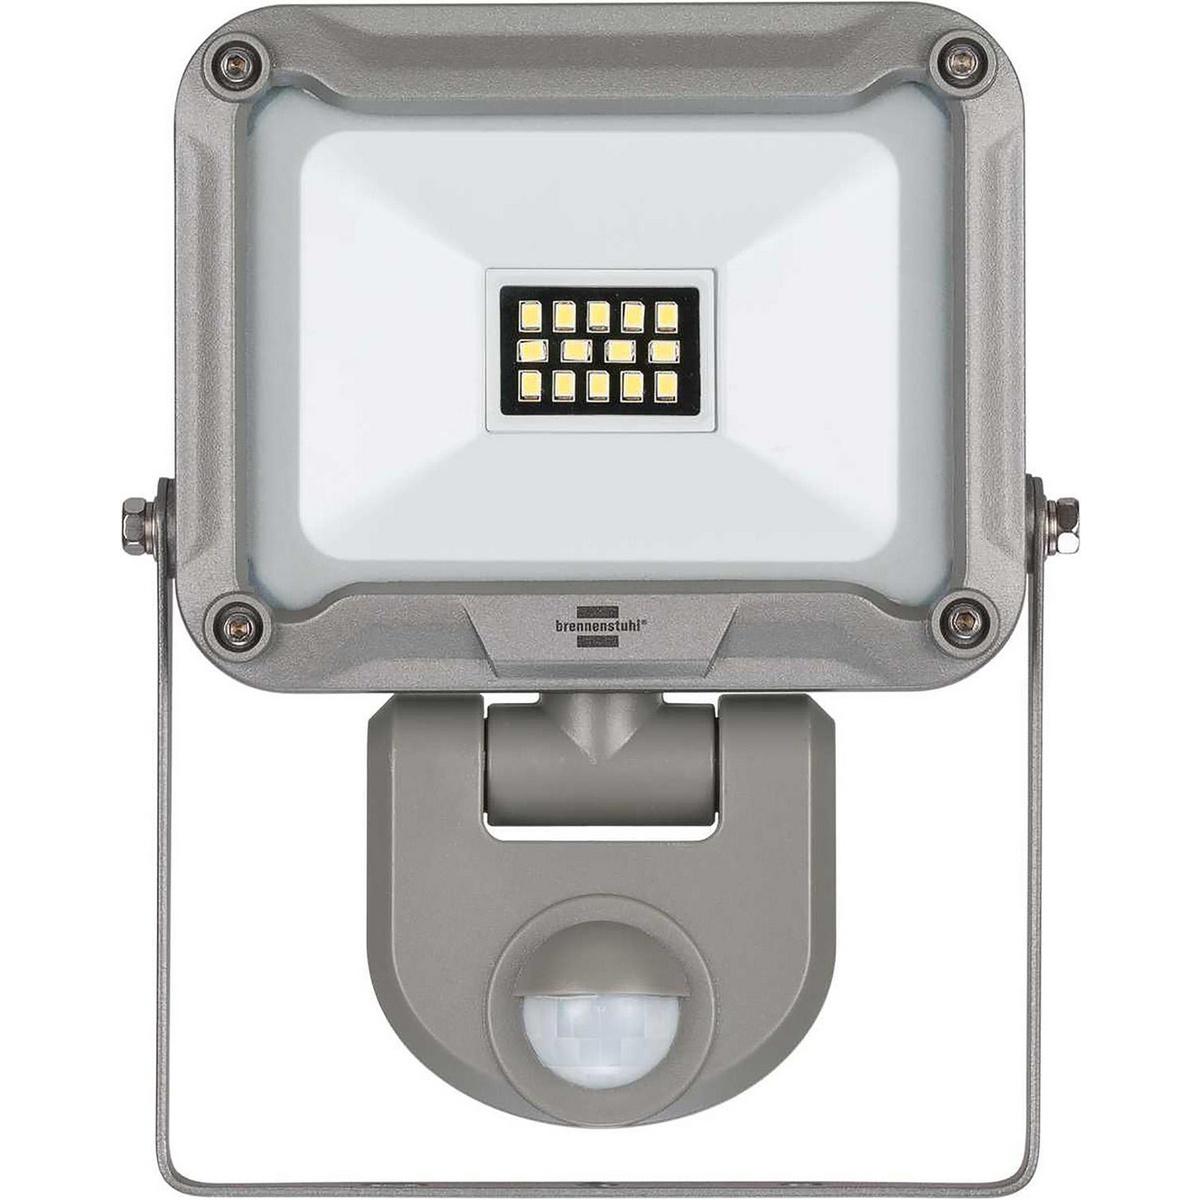 Geeignet für Innen- und Außenaufstellung, IP 44. 10-W-Hochleistungs-LED-Chipleuchte für die Wandmontage mit besonders breiter Lichtverteilung zur Beleuchtung eines großen Bereichs. Ideal für Bastler, Werkstätten und Baustellen. Beleuchtet automatisch Eing